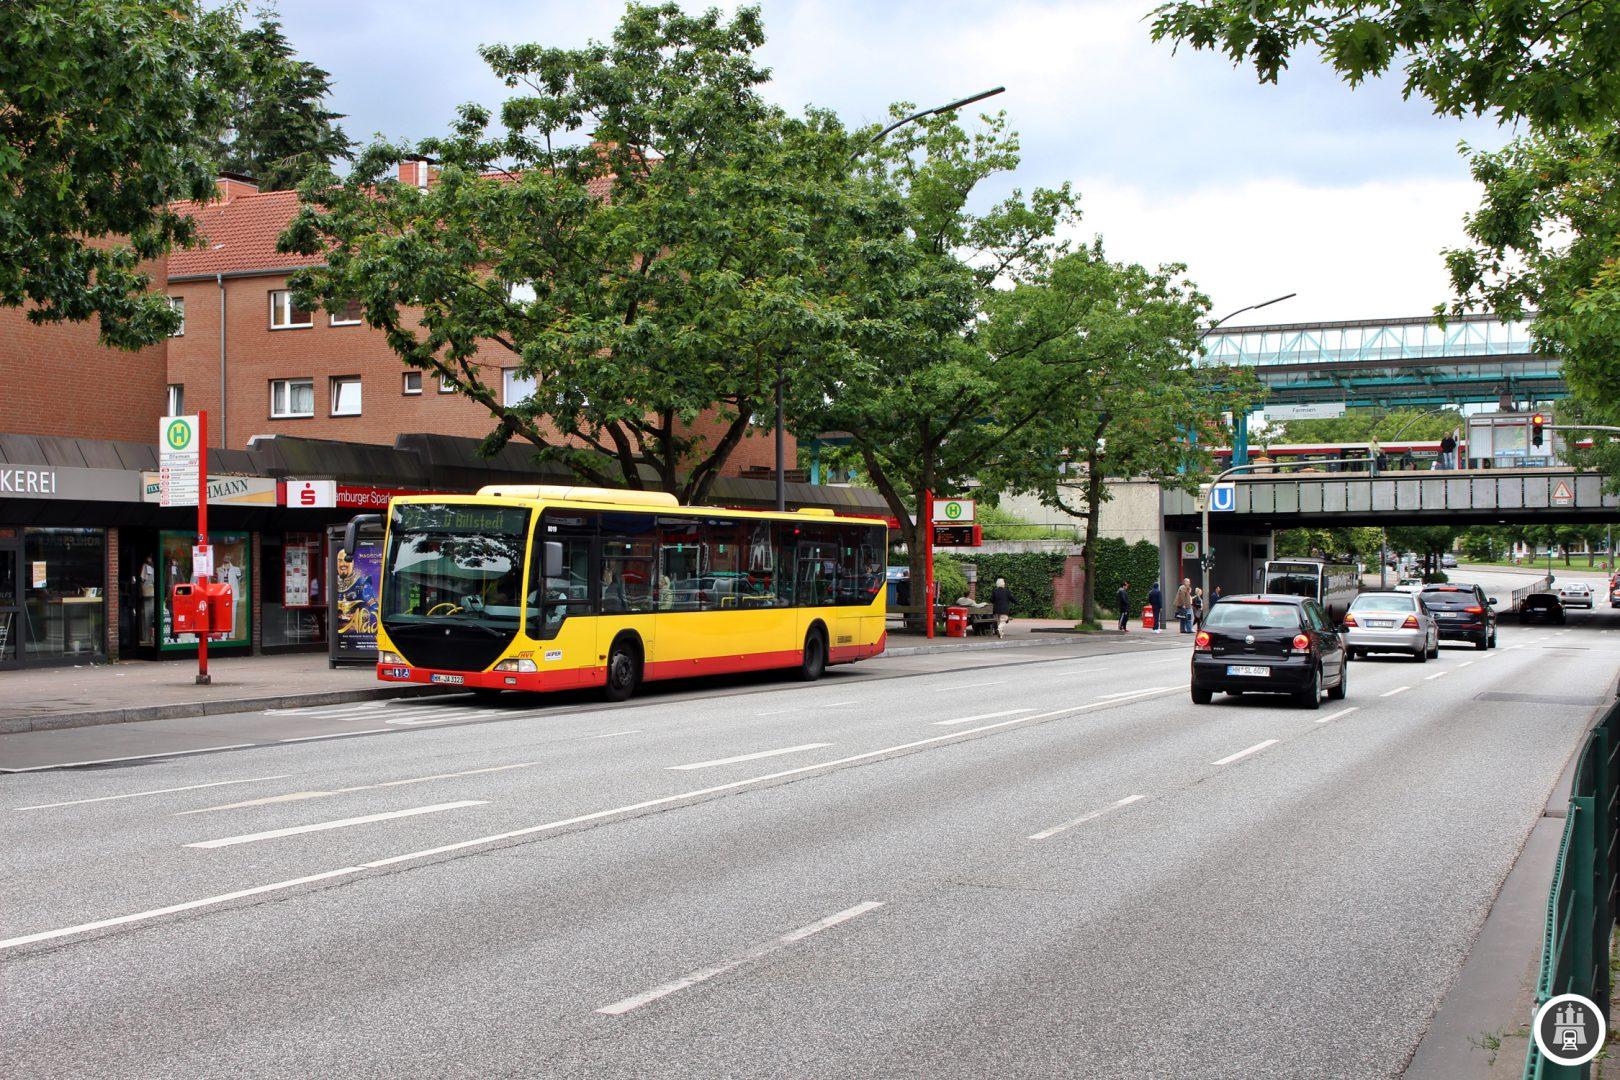 Die 27 am Farmsener Bahnhof. Das eingesetzte Fahrzeug war lange Jahre auf dem Airport-Express von Jasper anzutreffen und verfügt eine besondere Ausstattung, es handelt sich um bequeme Überlandbusse. Heute fahren noch fünf der sieben Airport-Express-Busse, ganz normal auf Linie.